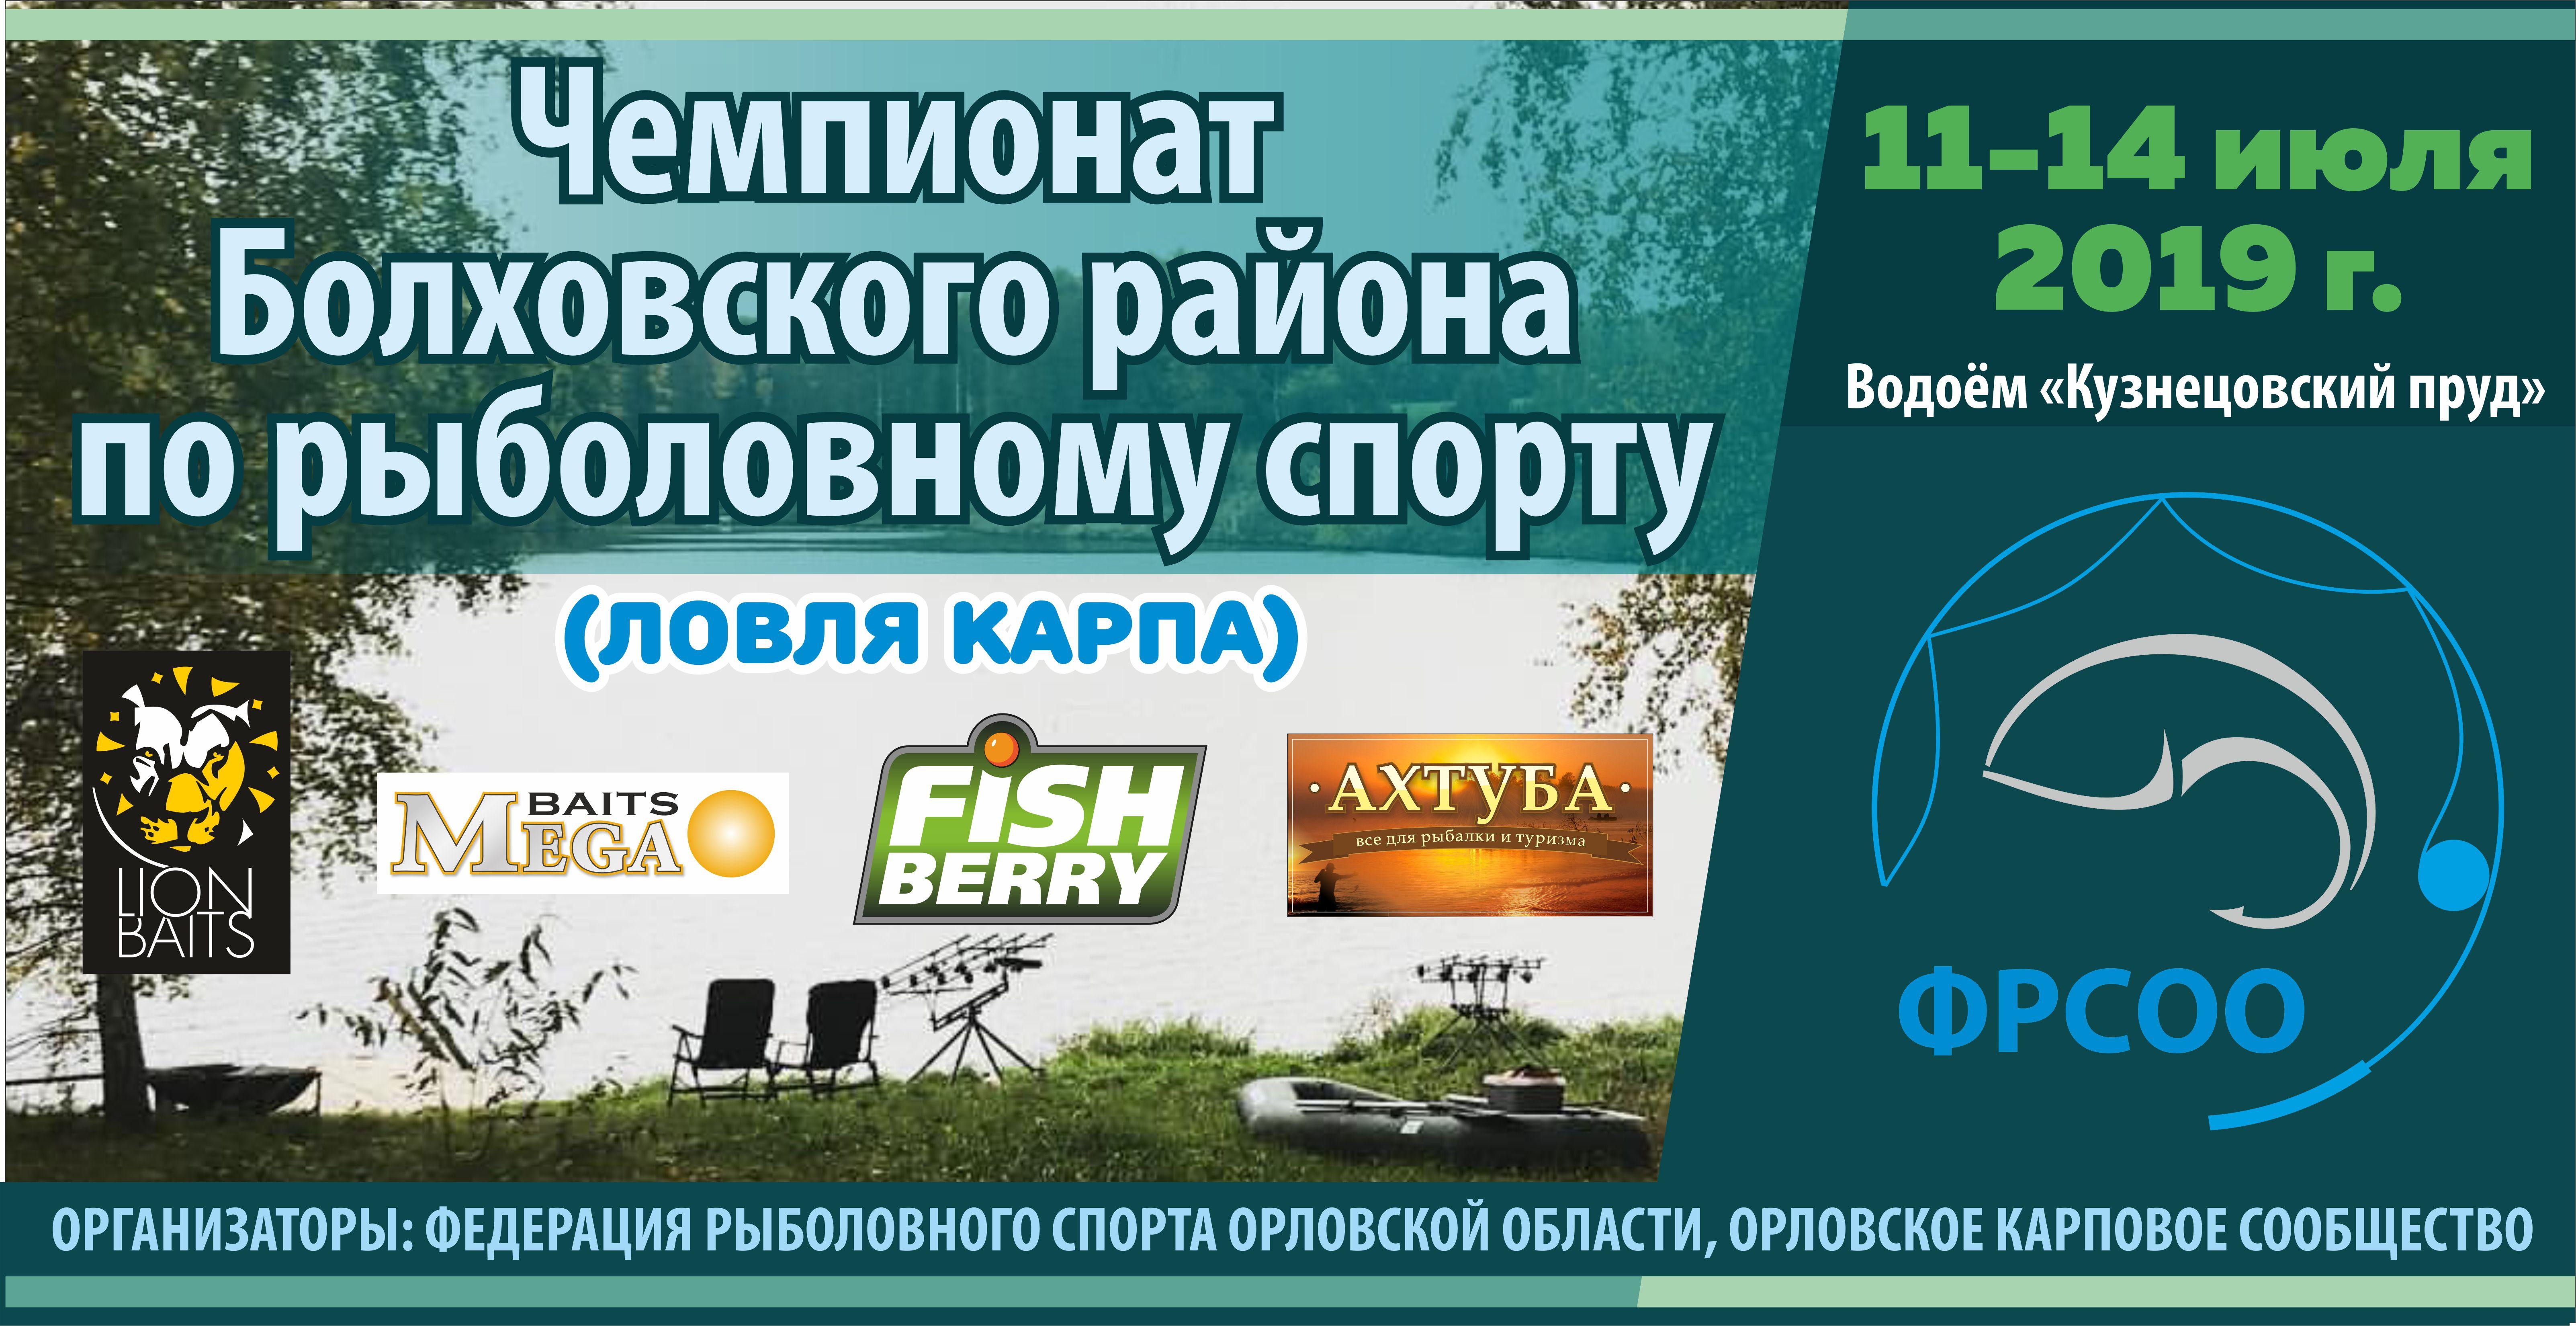 Чемпионат Болховского района Орловской области